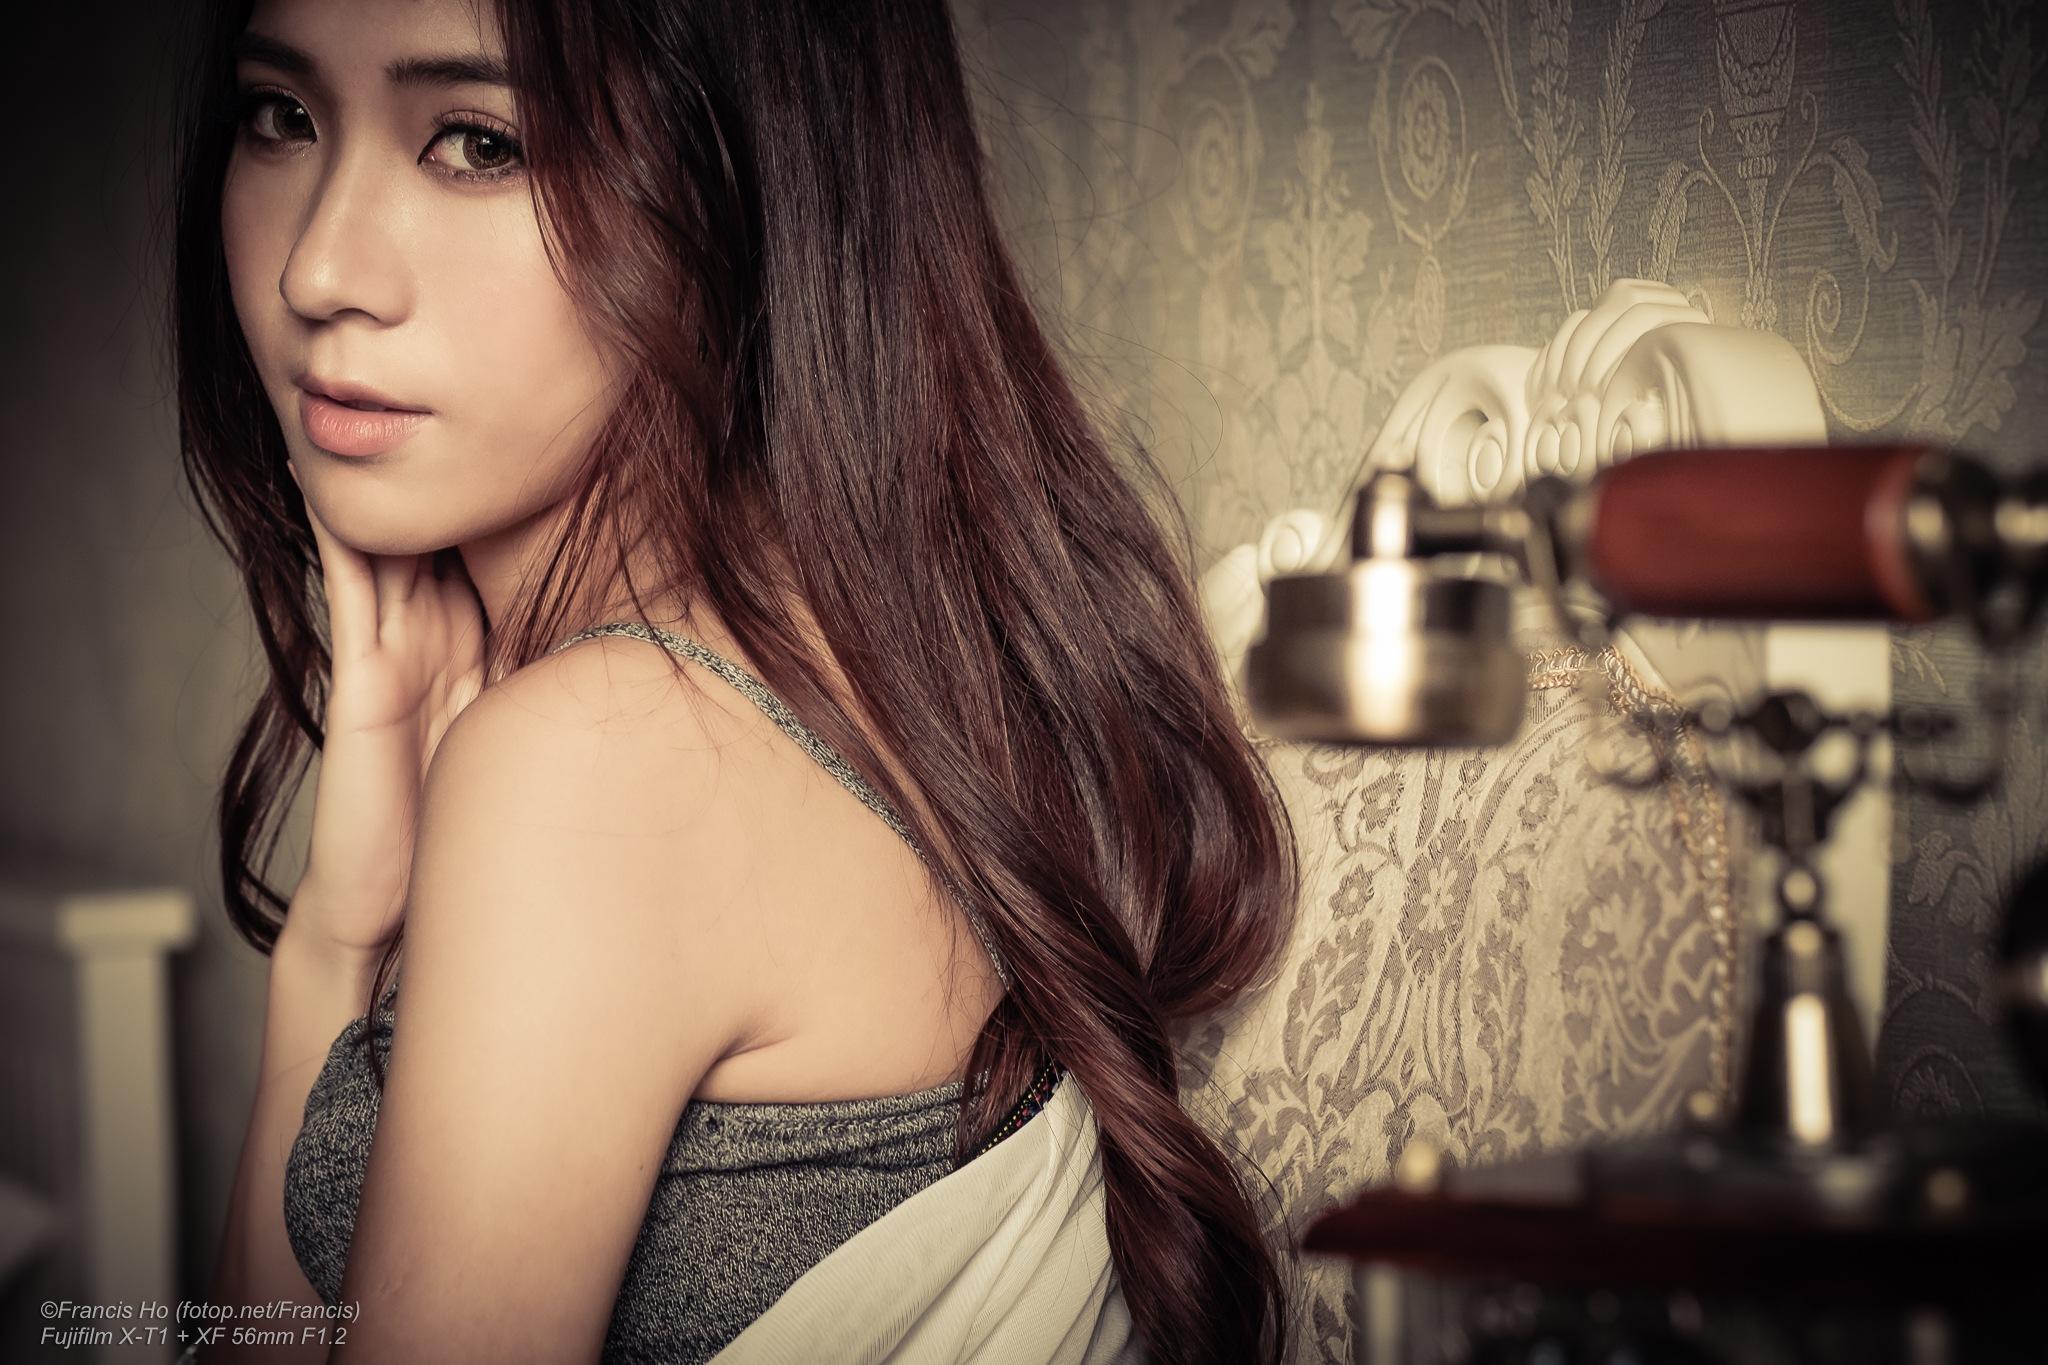 Serena by Francis Ho